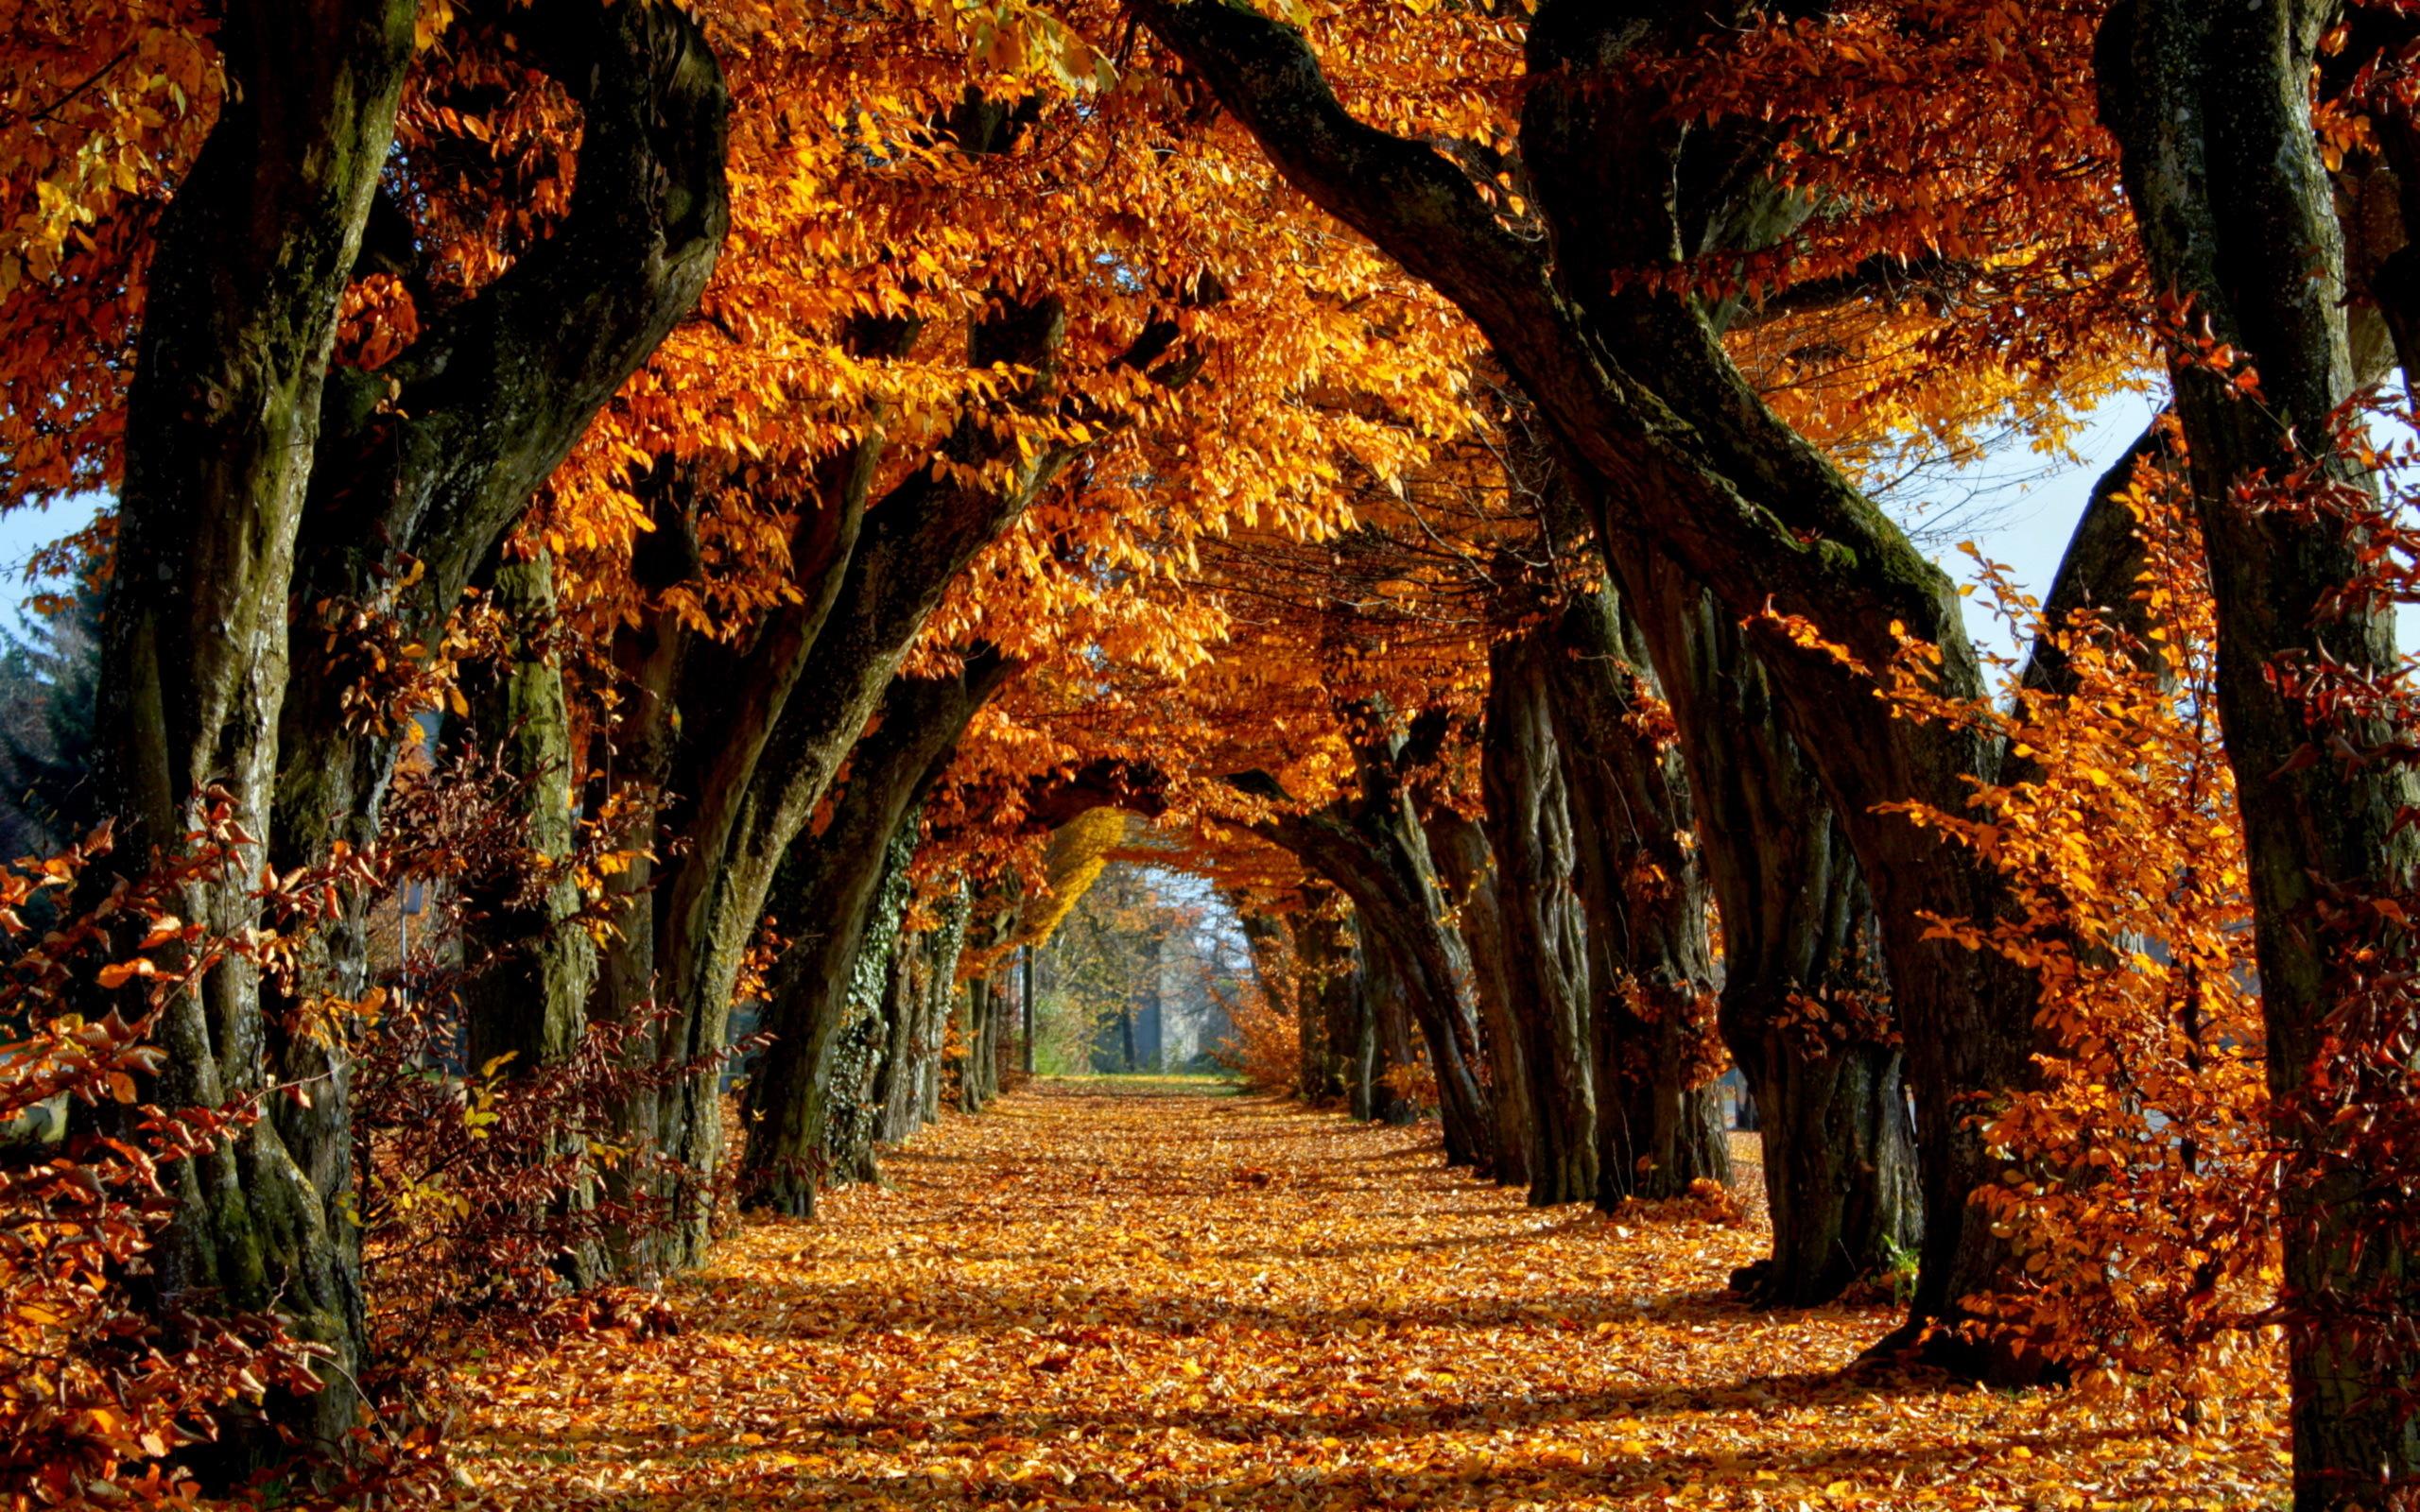 Autumn Wallpaper hd Widescreen wallpaper Autumn Wallpaper hd 2560x1600